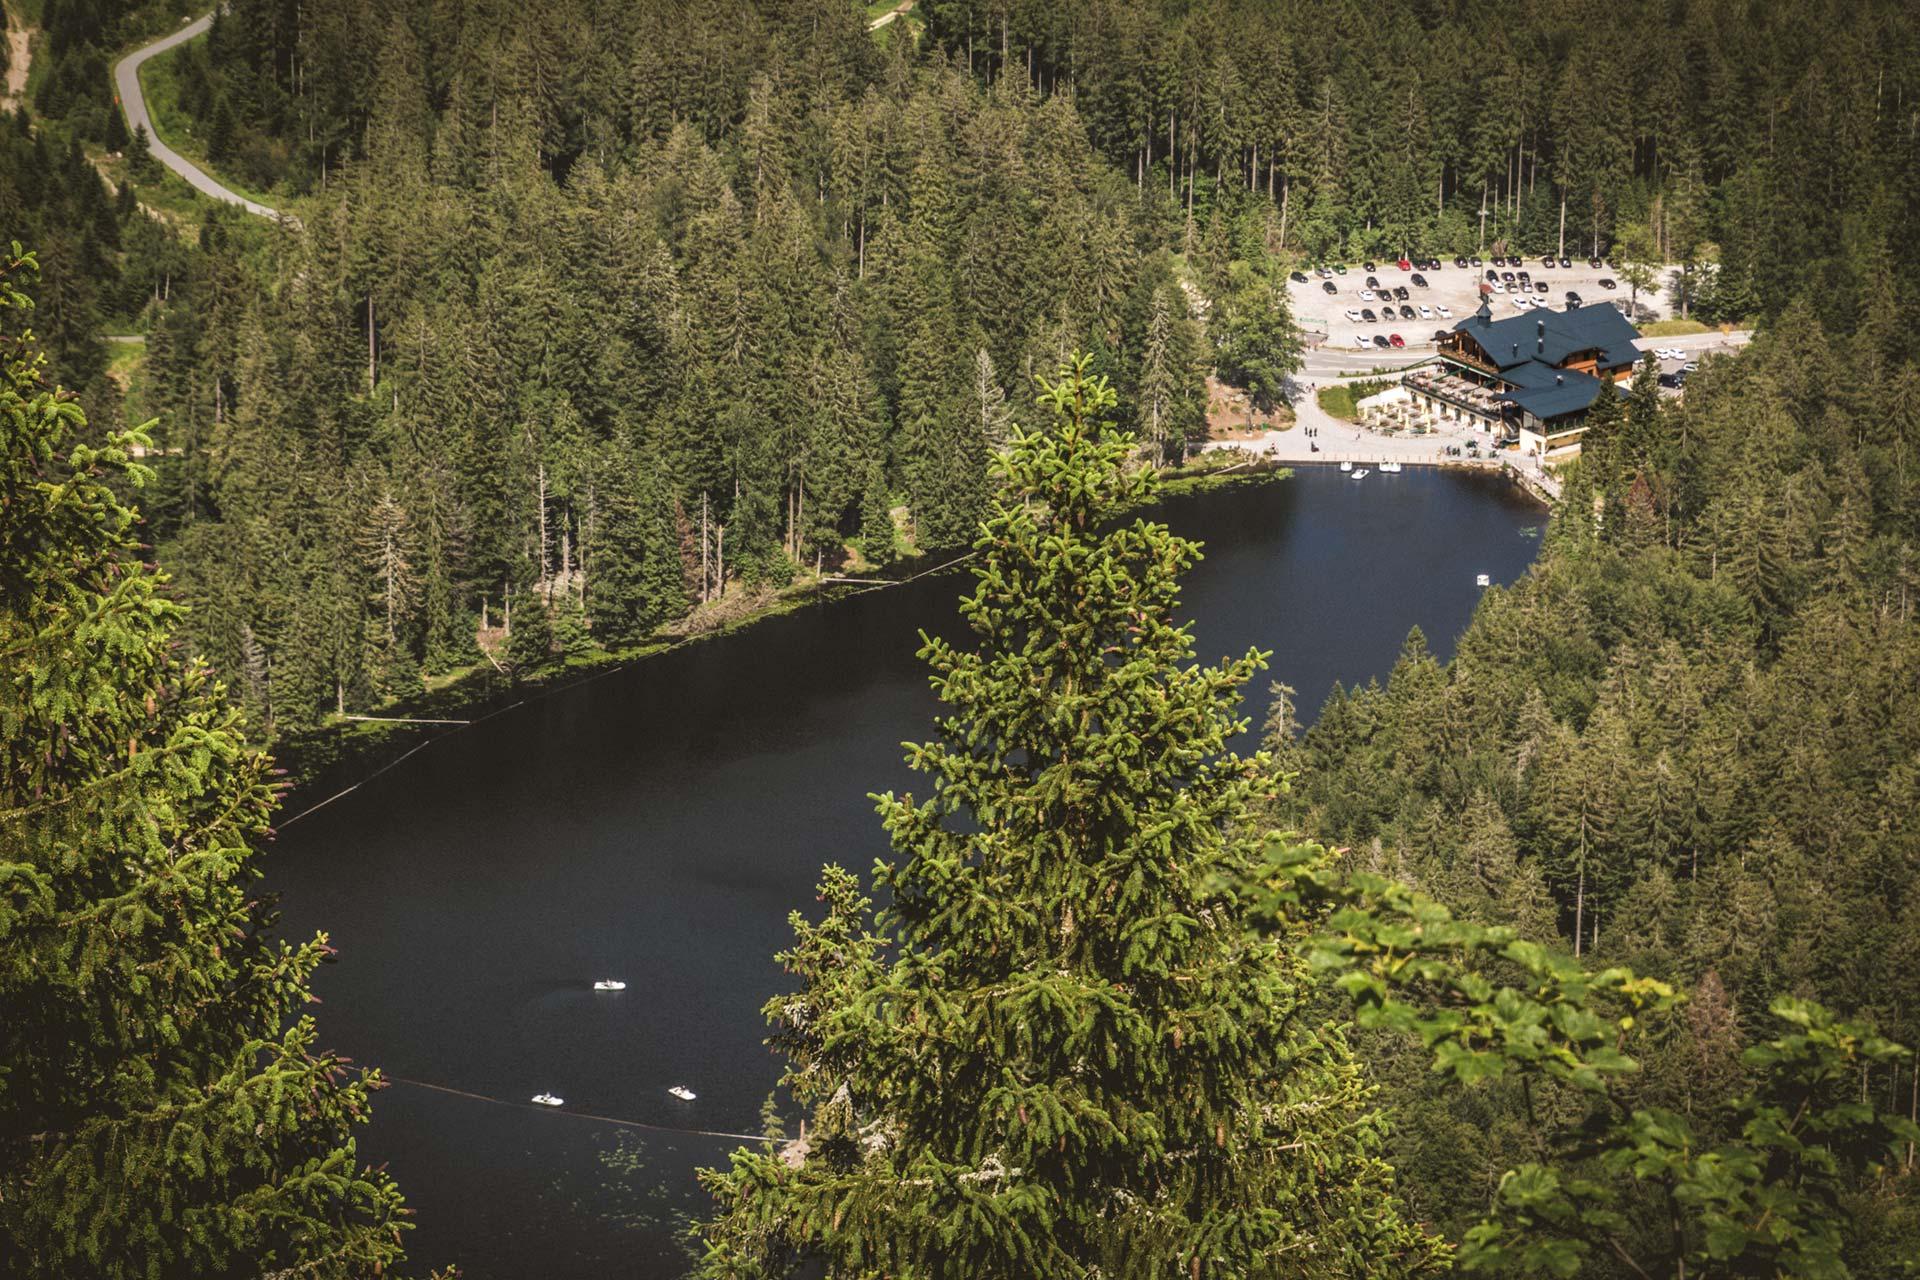 Knapp 400 Meter tiefer direkt unter der steilen Felswand gelegen: der Große Arbersee